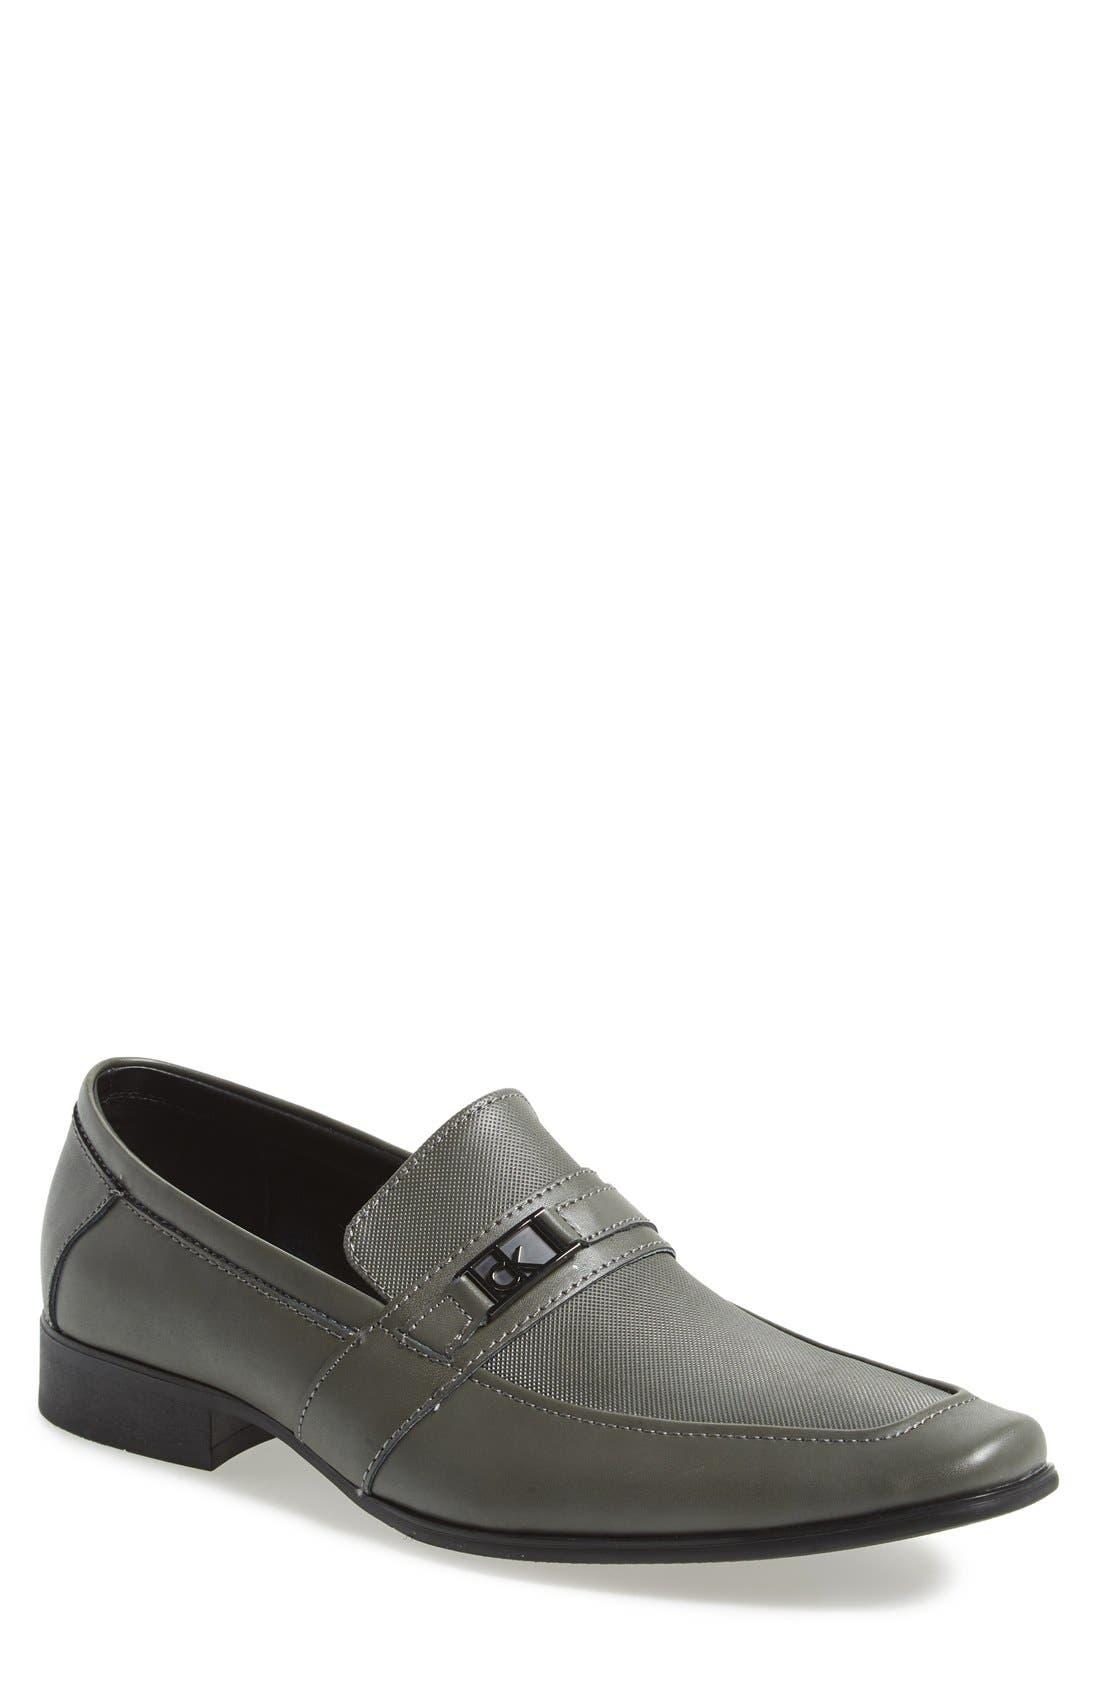 Alternate Image 1 Selected - Calvin Klein 'Bartley' Bit Loafer (Men)